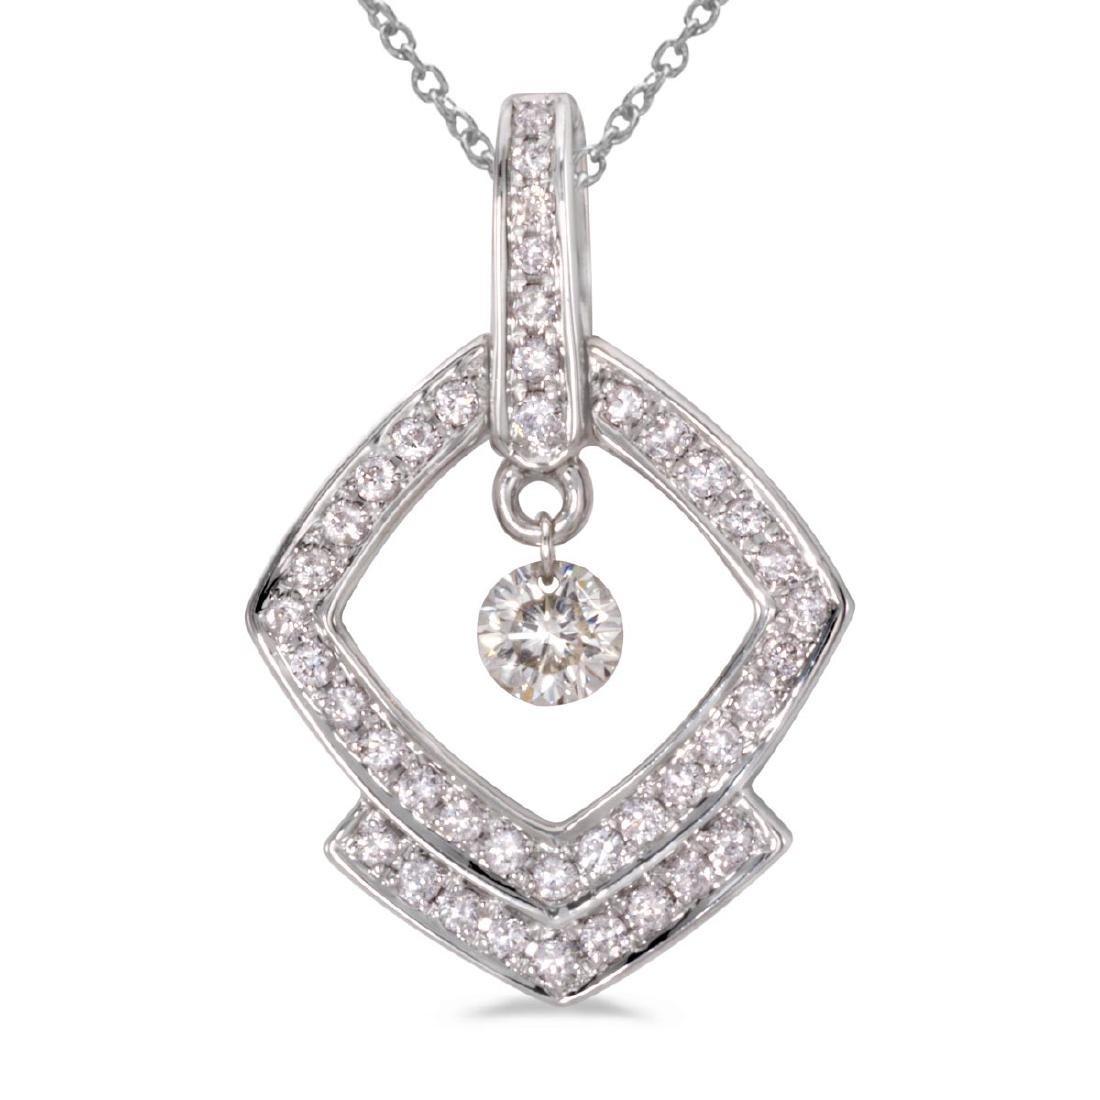 Certified 14K White Gold Dashing Diamonds Pendant 0.3 C